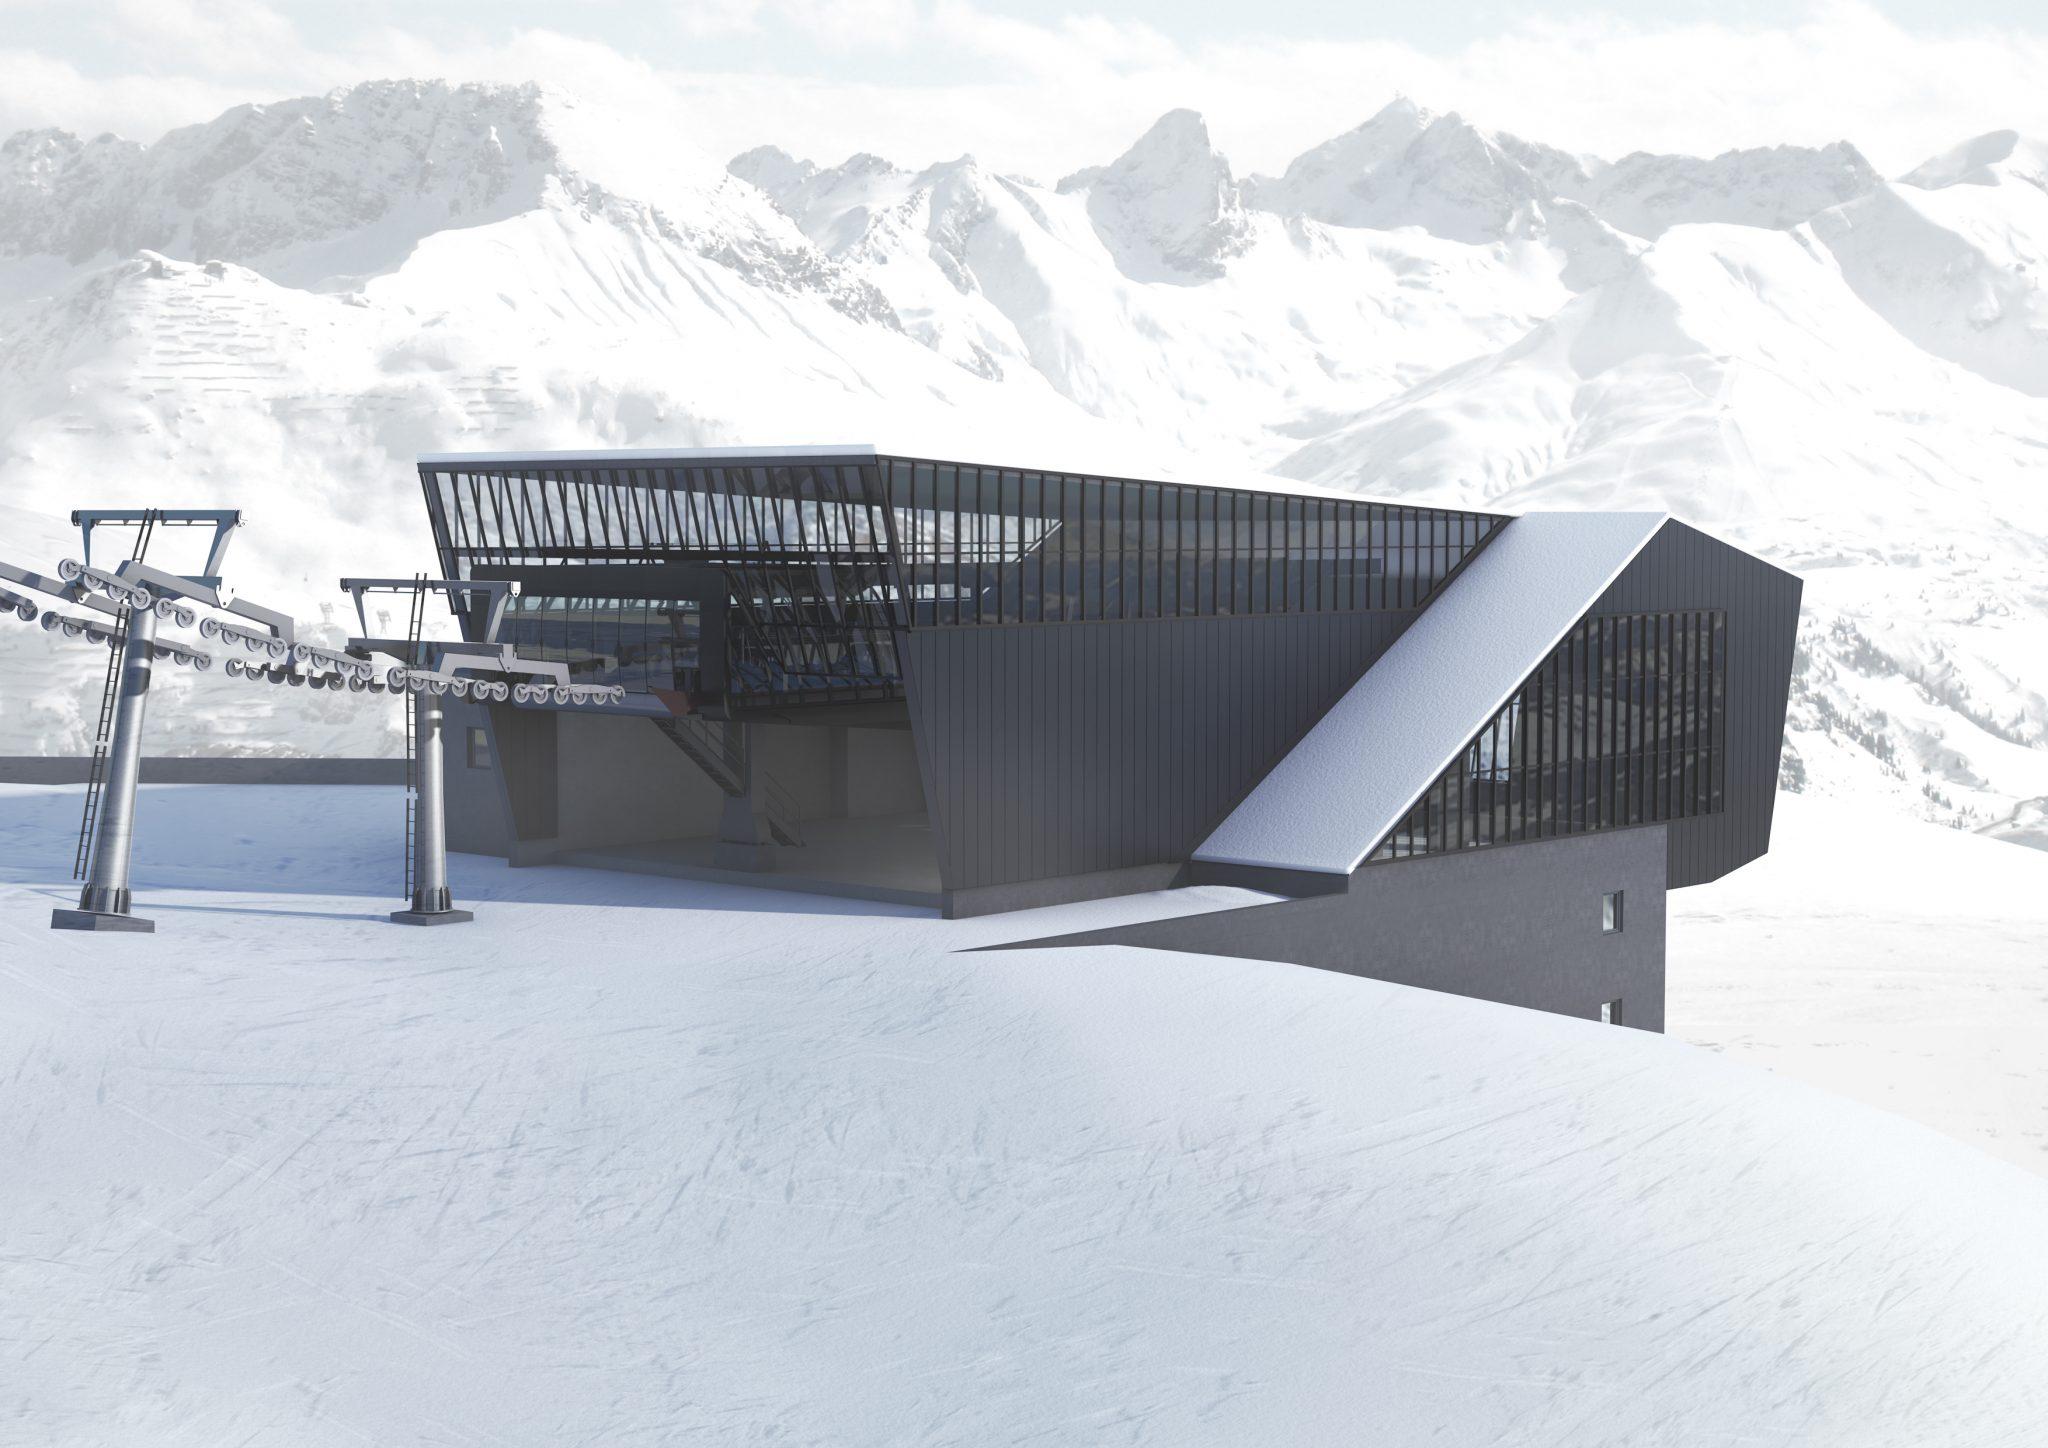 visualisierung_der_neuen_schindlergratbahn_im_winter_201920_c_arlberger_bergbahnen_ski_arlberg